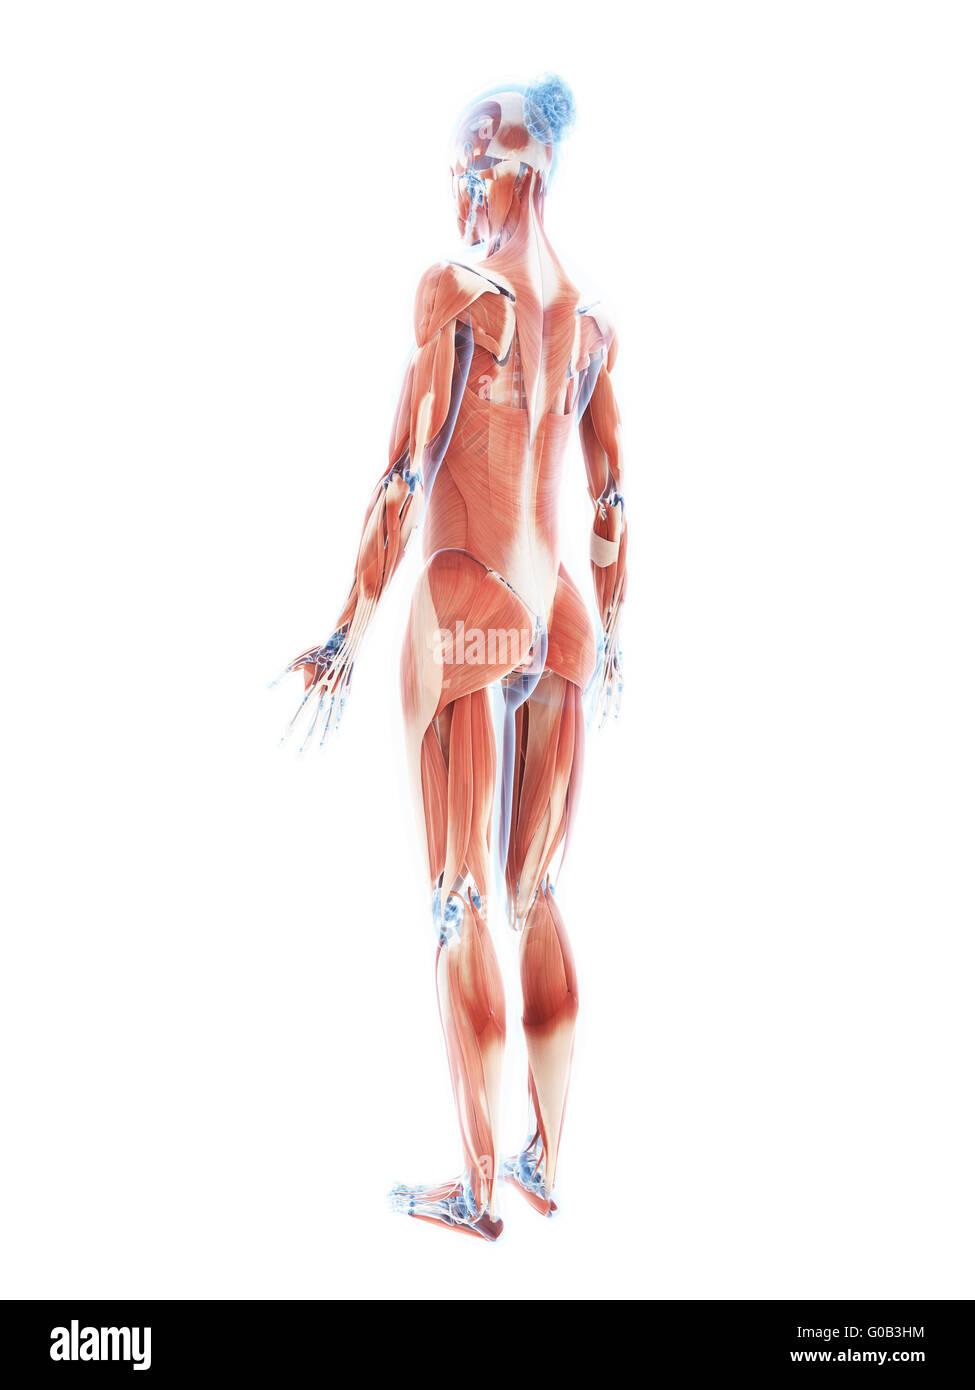 Schön Brust Anatomie Weiblich Bilder - Anatomie Ideen - finotti.info